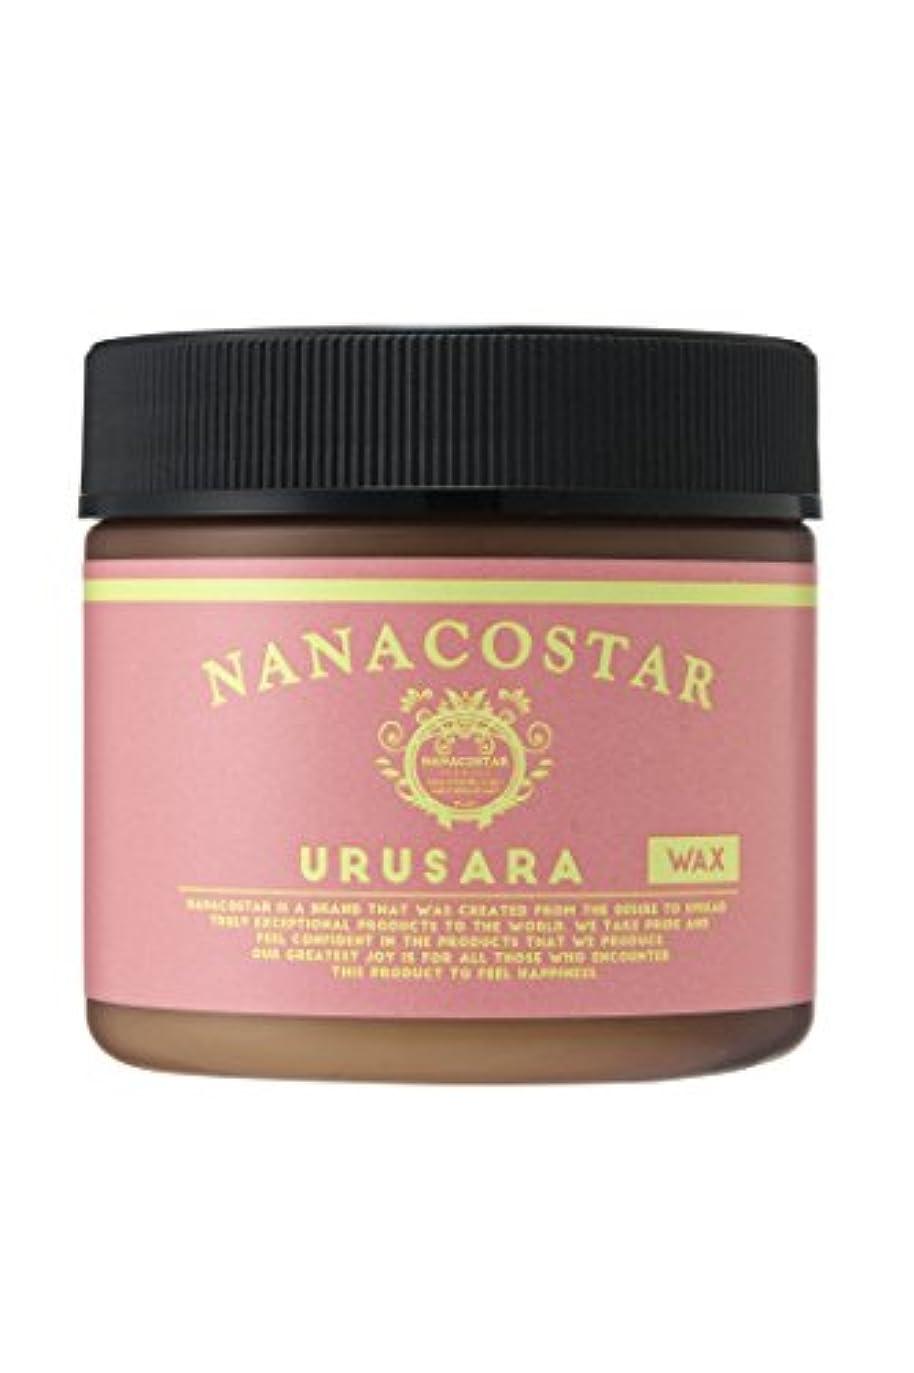 シーフード提案価値のないナナコスター [NANACOSTAR] ウルサラワックス URUSARA WAX 75g